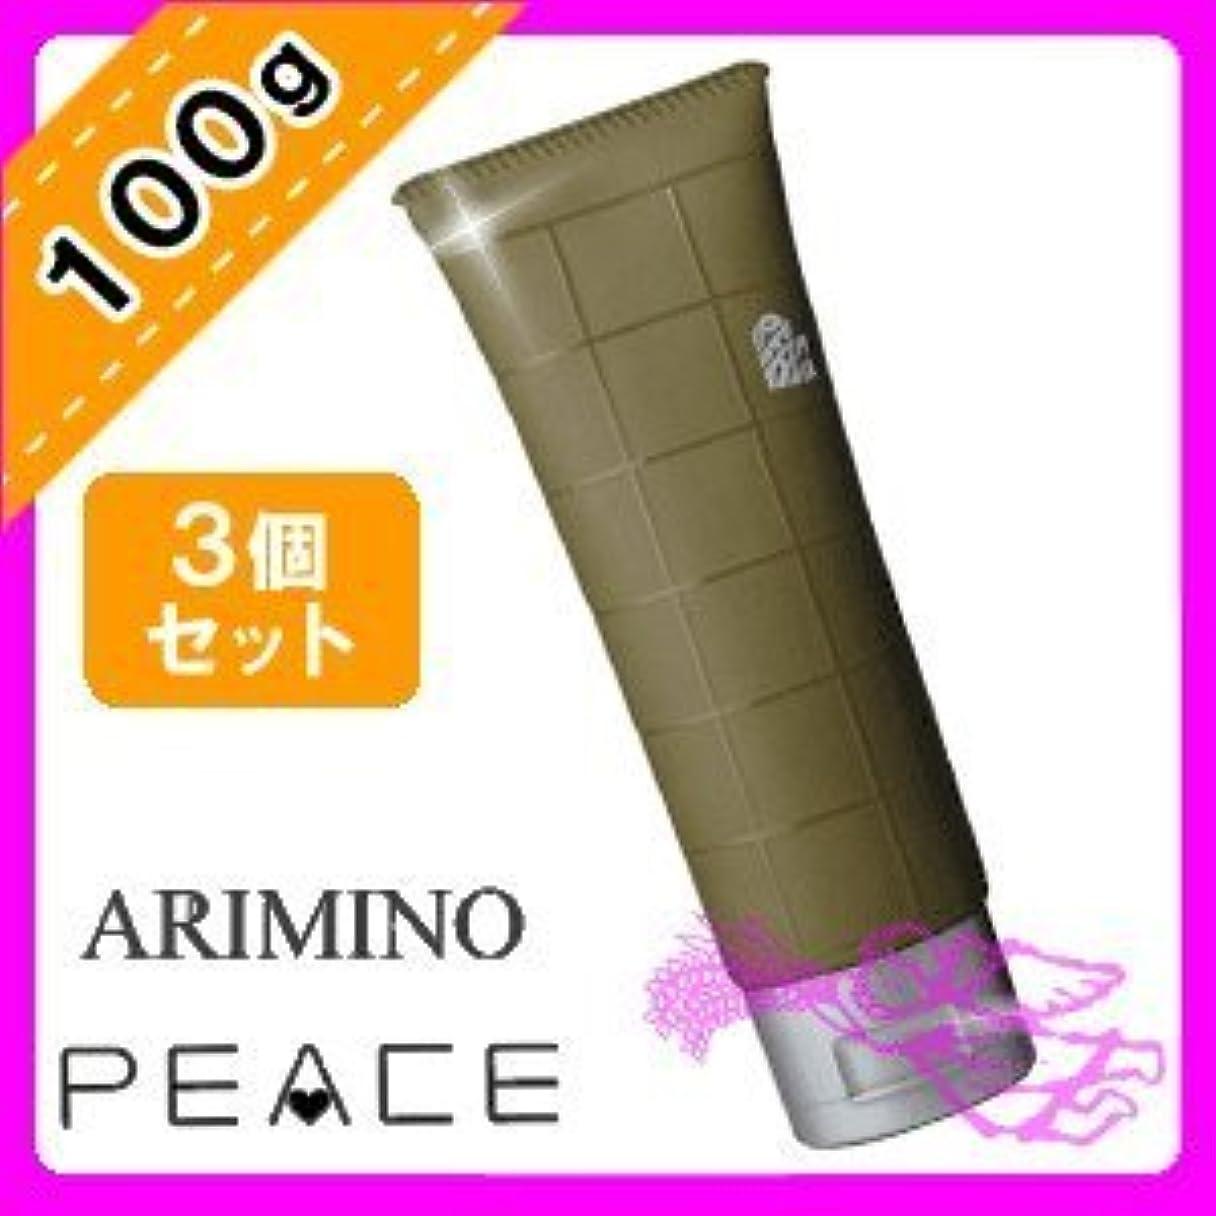 モード療法オリエントアリミノ ピース ウェットオイル ワックス 100g ×3個セット arimino PEACE